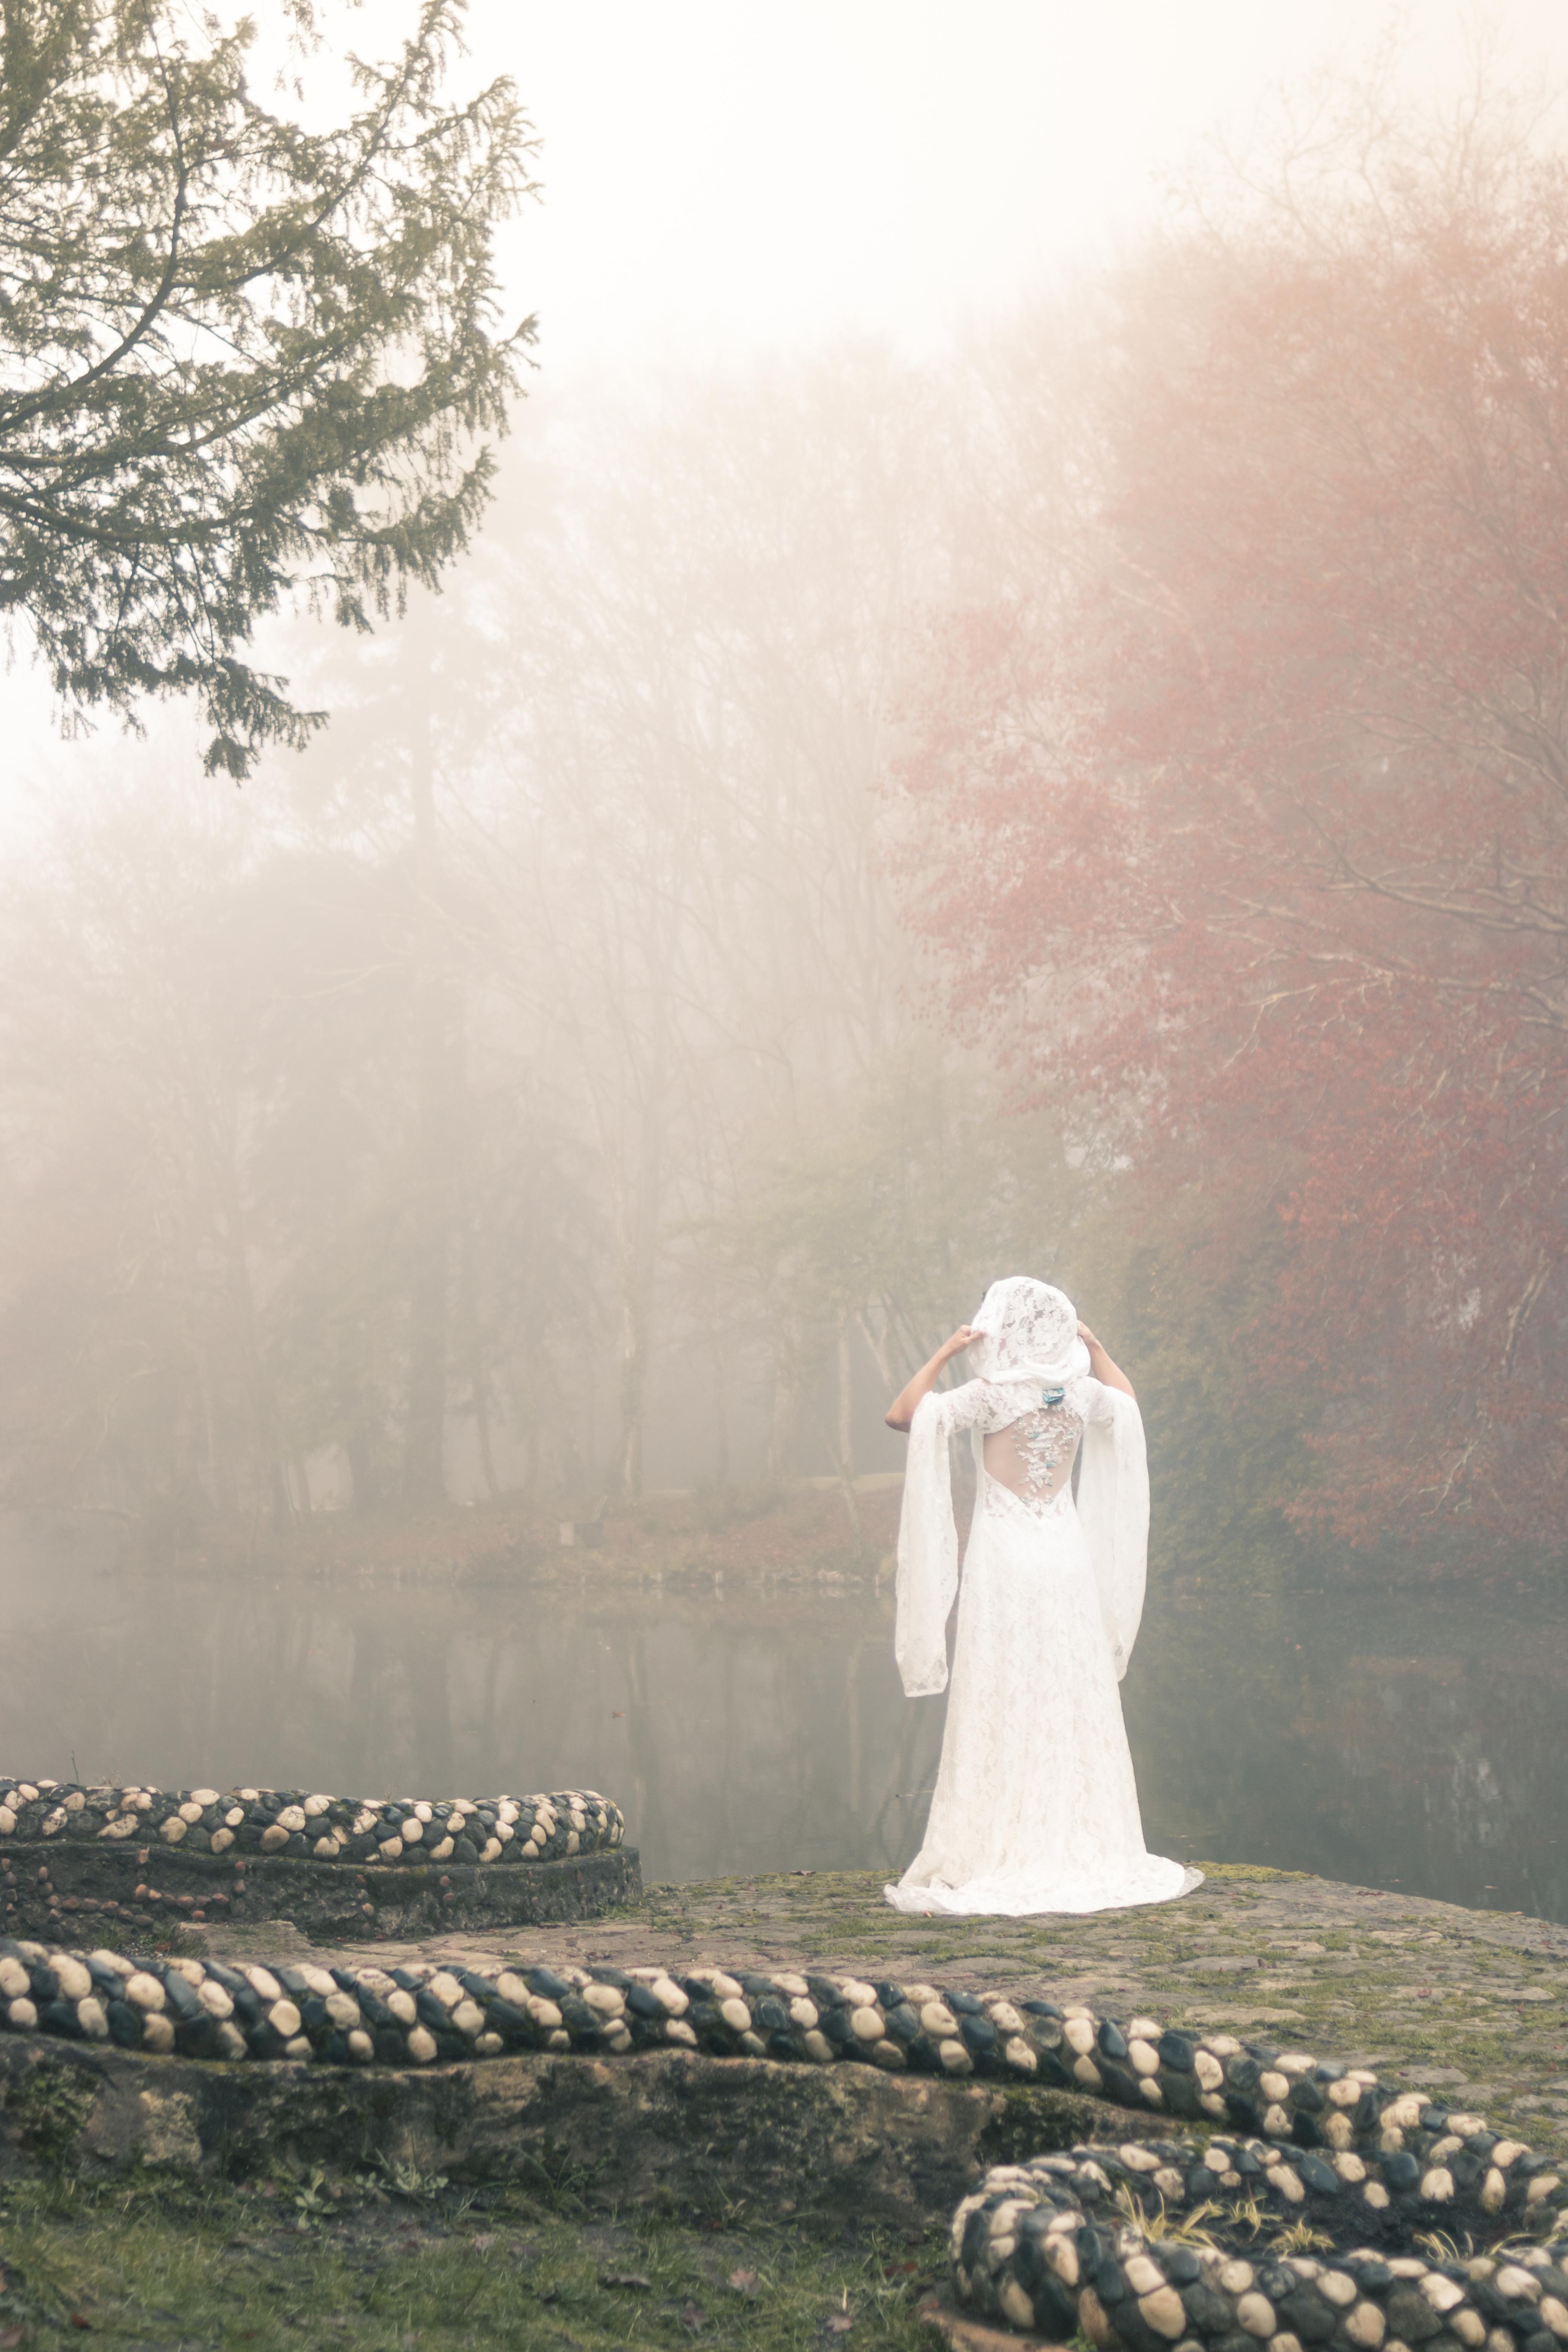 Robe de mariée elfique Dame Blanche Mary-Gabrielle - shooting mariée